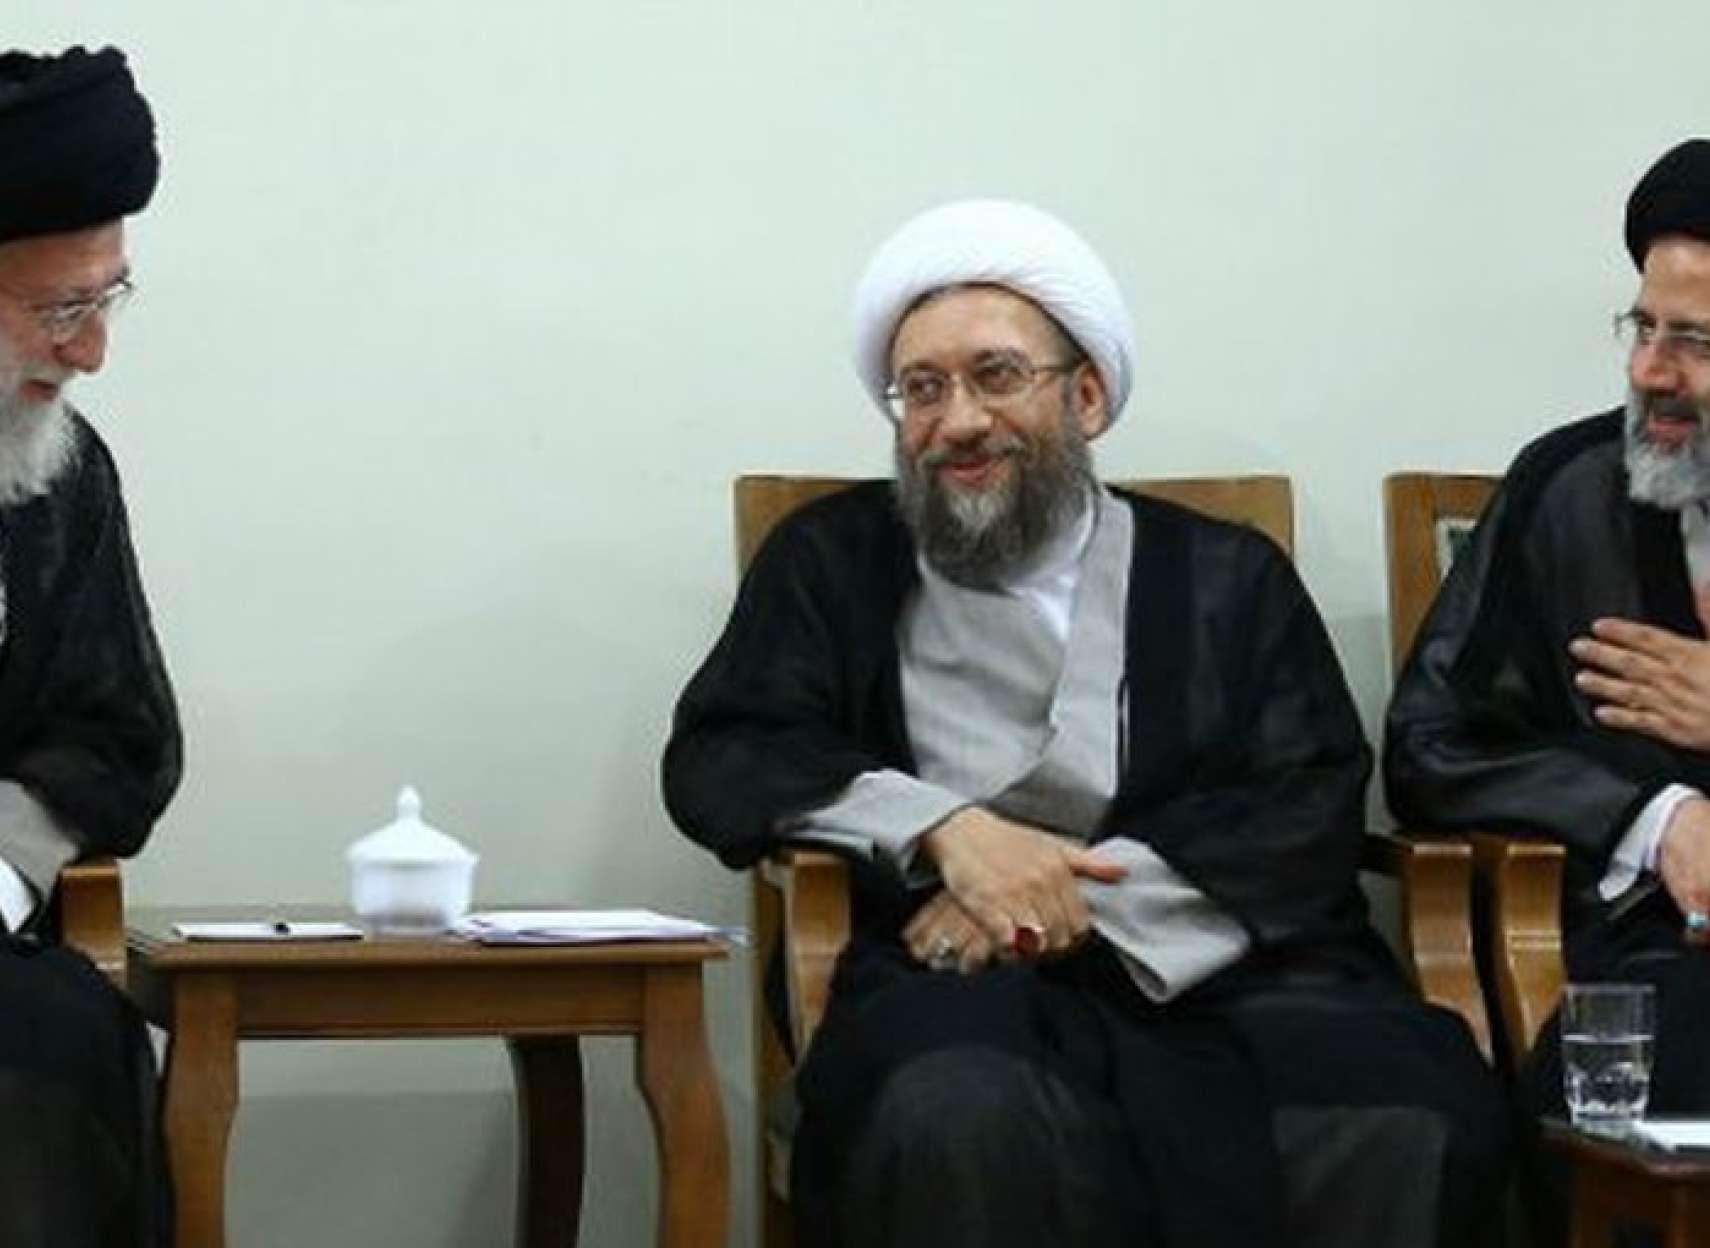 سیاست-نه-سیخ-بسوزد-و-نه-کباب-مبارزه-با-فساد-در-جمهوری-اسلامی